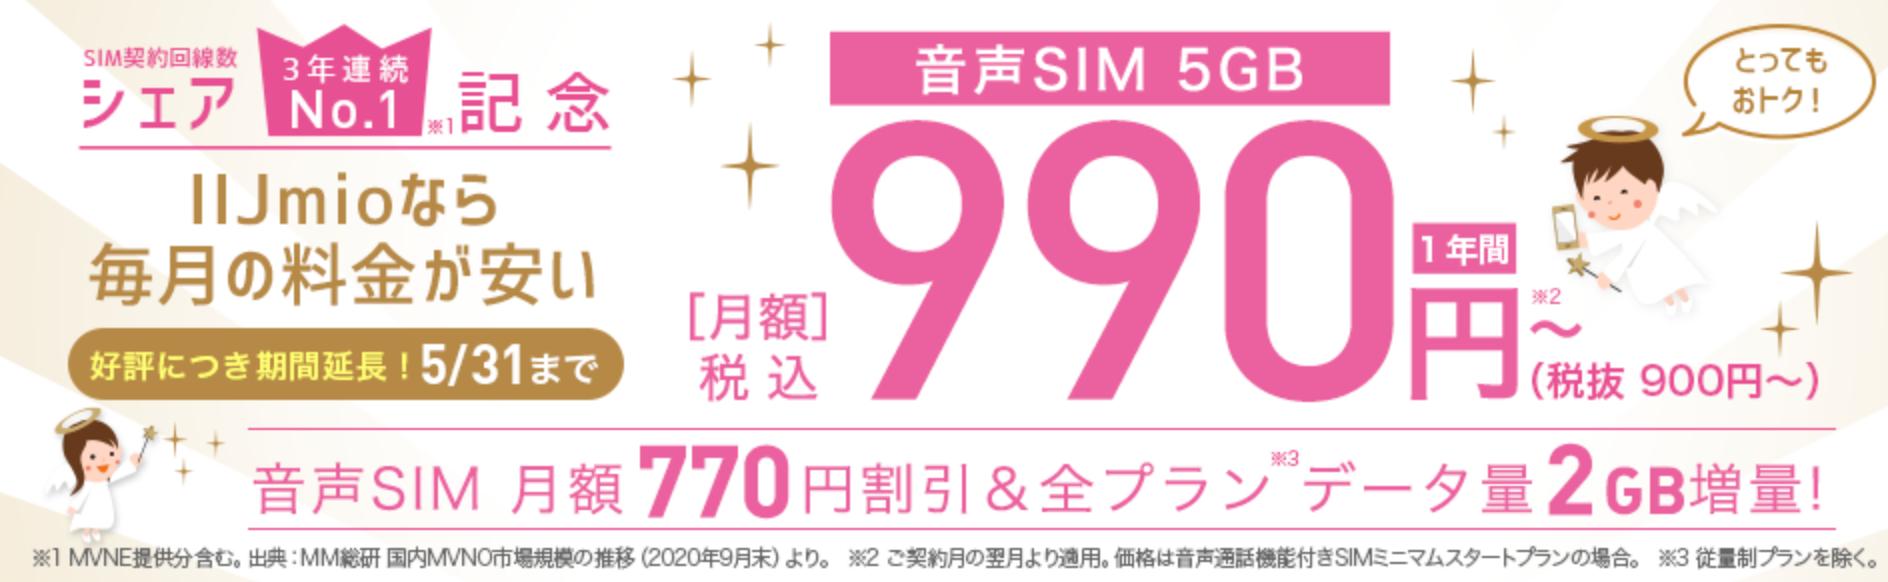 格安SIM_キャンペーン_IIJmio_みおふぉん_3年連続シェアNo.1記念キャンペーン